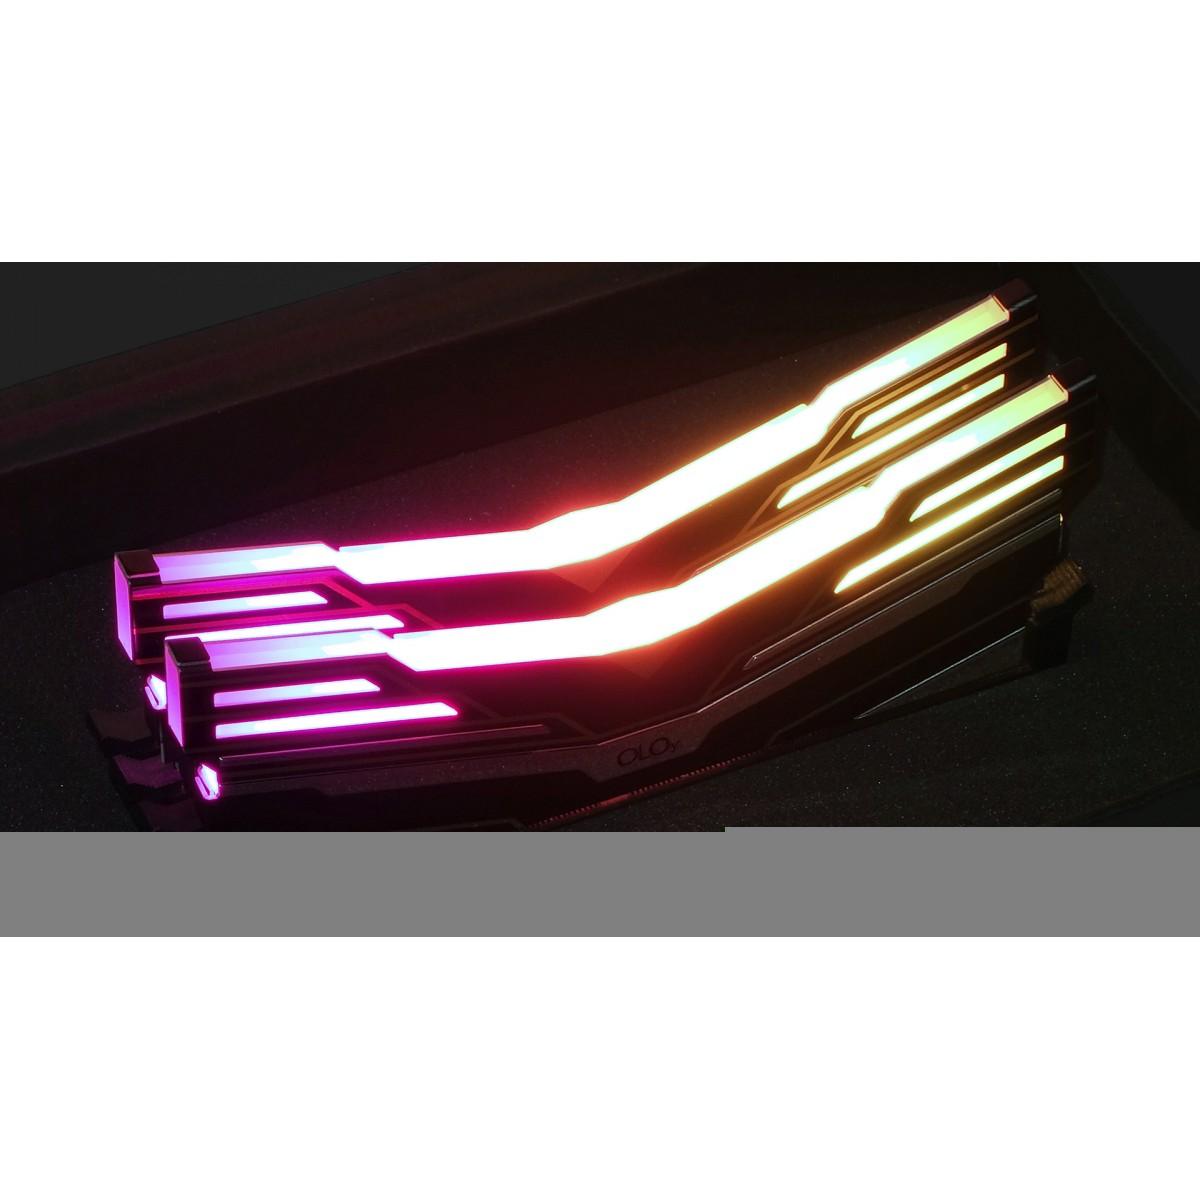 Memória DDR4 OLOy WarHawk Black, 8GB, 3000MHZ, RGB, MD4U083016BESA